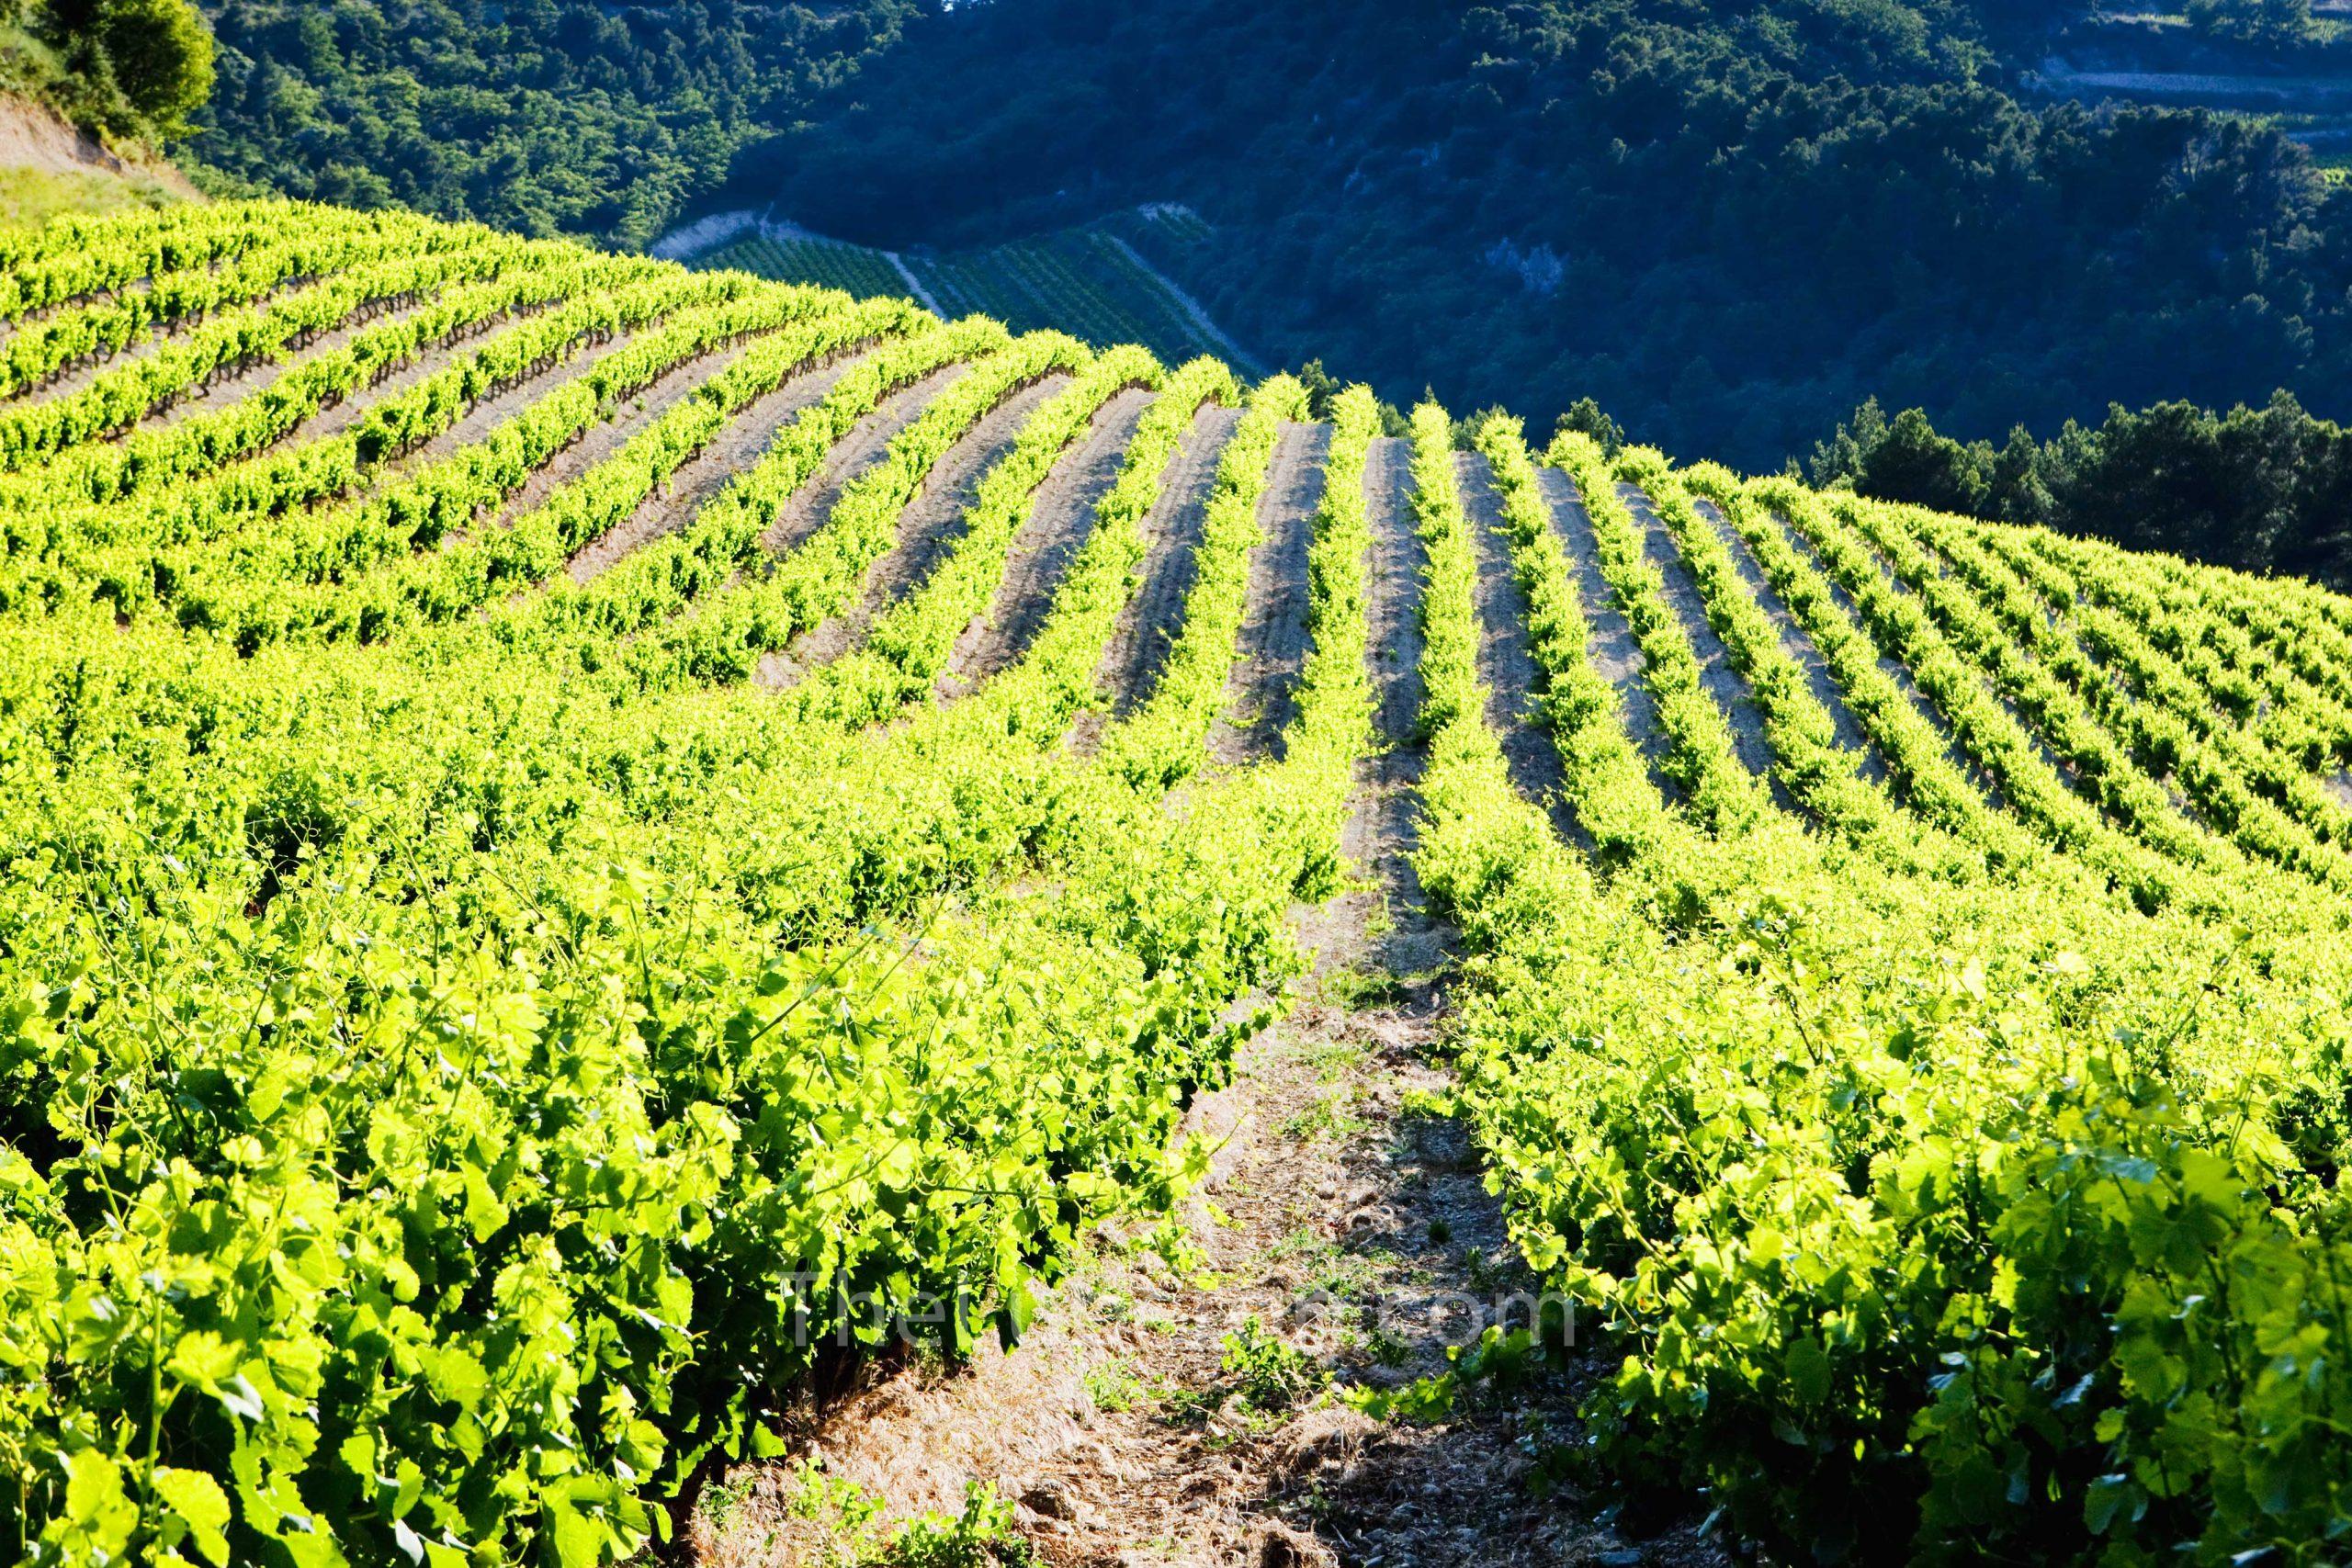 Gigondas vineyards